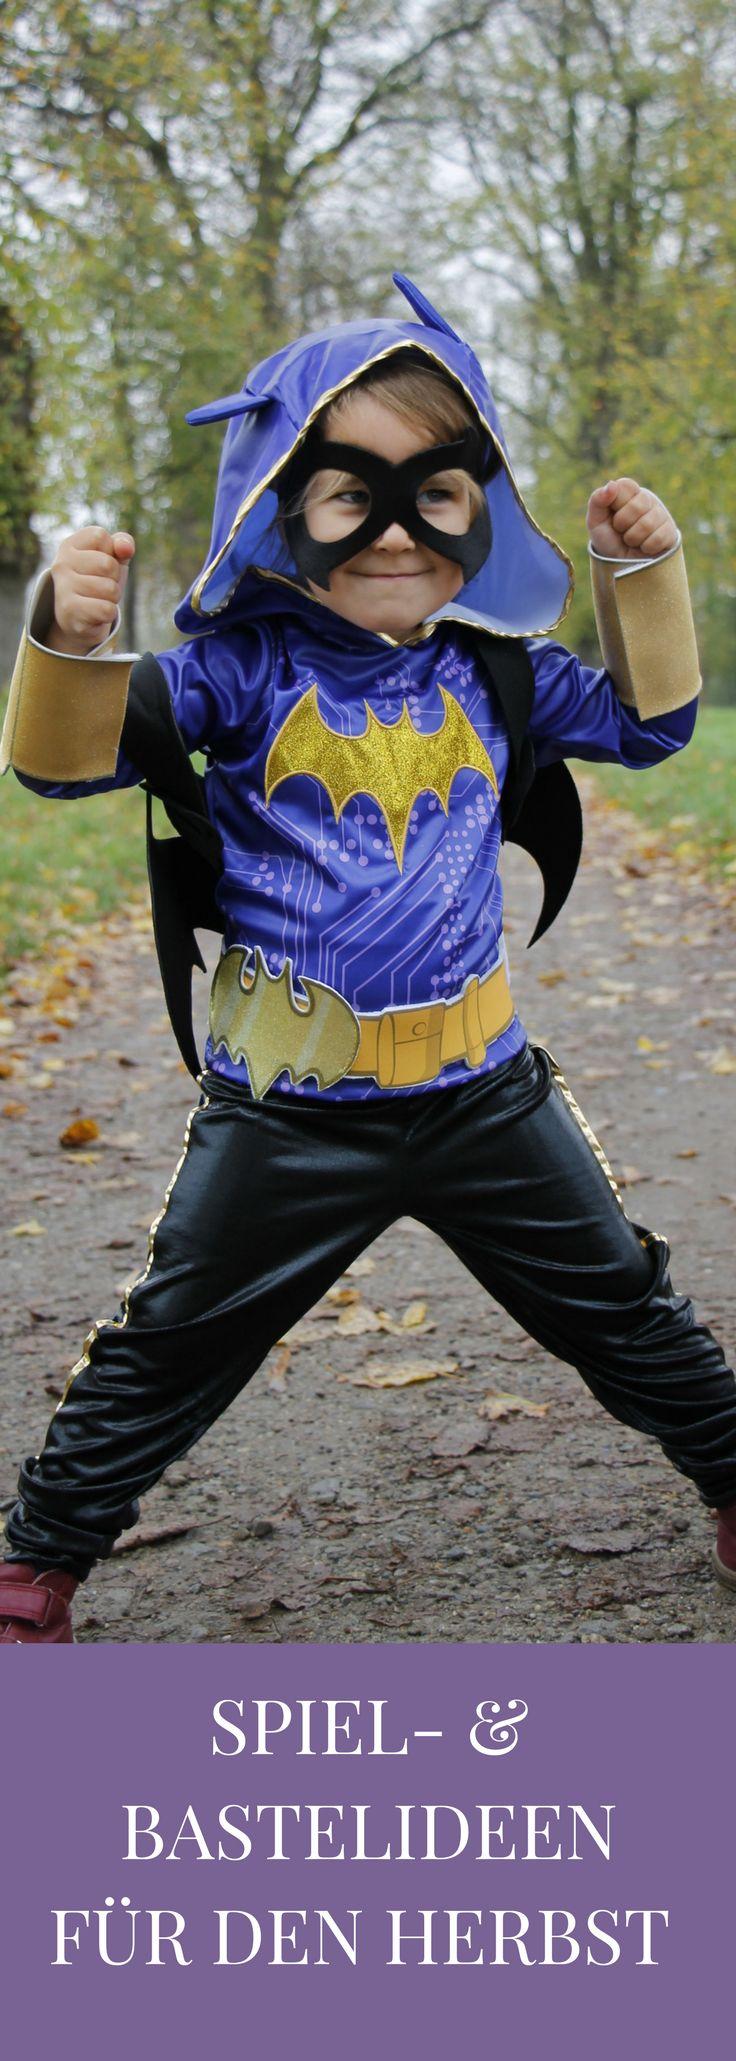 Eine Spielidee für den Herbst ist sicherlich Verkleiden. Kostüme und Verkleidungen für Kinder regen die Fantasie der Kinder an und fördern das Rollenspiel. Eine Verkleidungsidee  bzw. eine Superheldin-Verkleidung von den DC SUPER HERO GIRLS und eine Herbst-Bastelidee für Fledermäuse aus Tonpapier findet man hier. - #Werbung #cbj, #cbjaudio, #Rubies #Gewinnspiel, #WarnerBros #WBWerbung, #GratisWB-Material #DCSuperHeroGirls #GirlPower